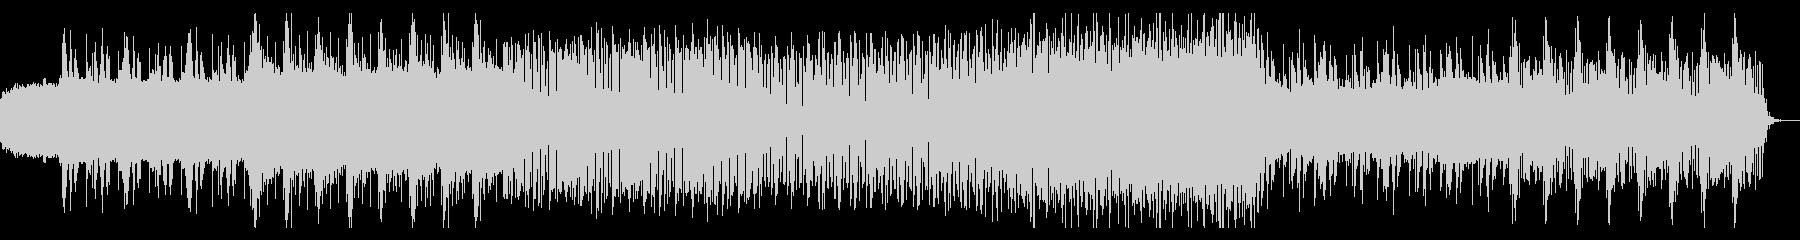 シンプルなアルペジオのテクノ06の未再生の波形